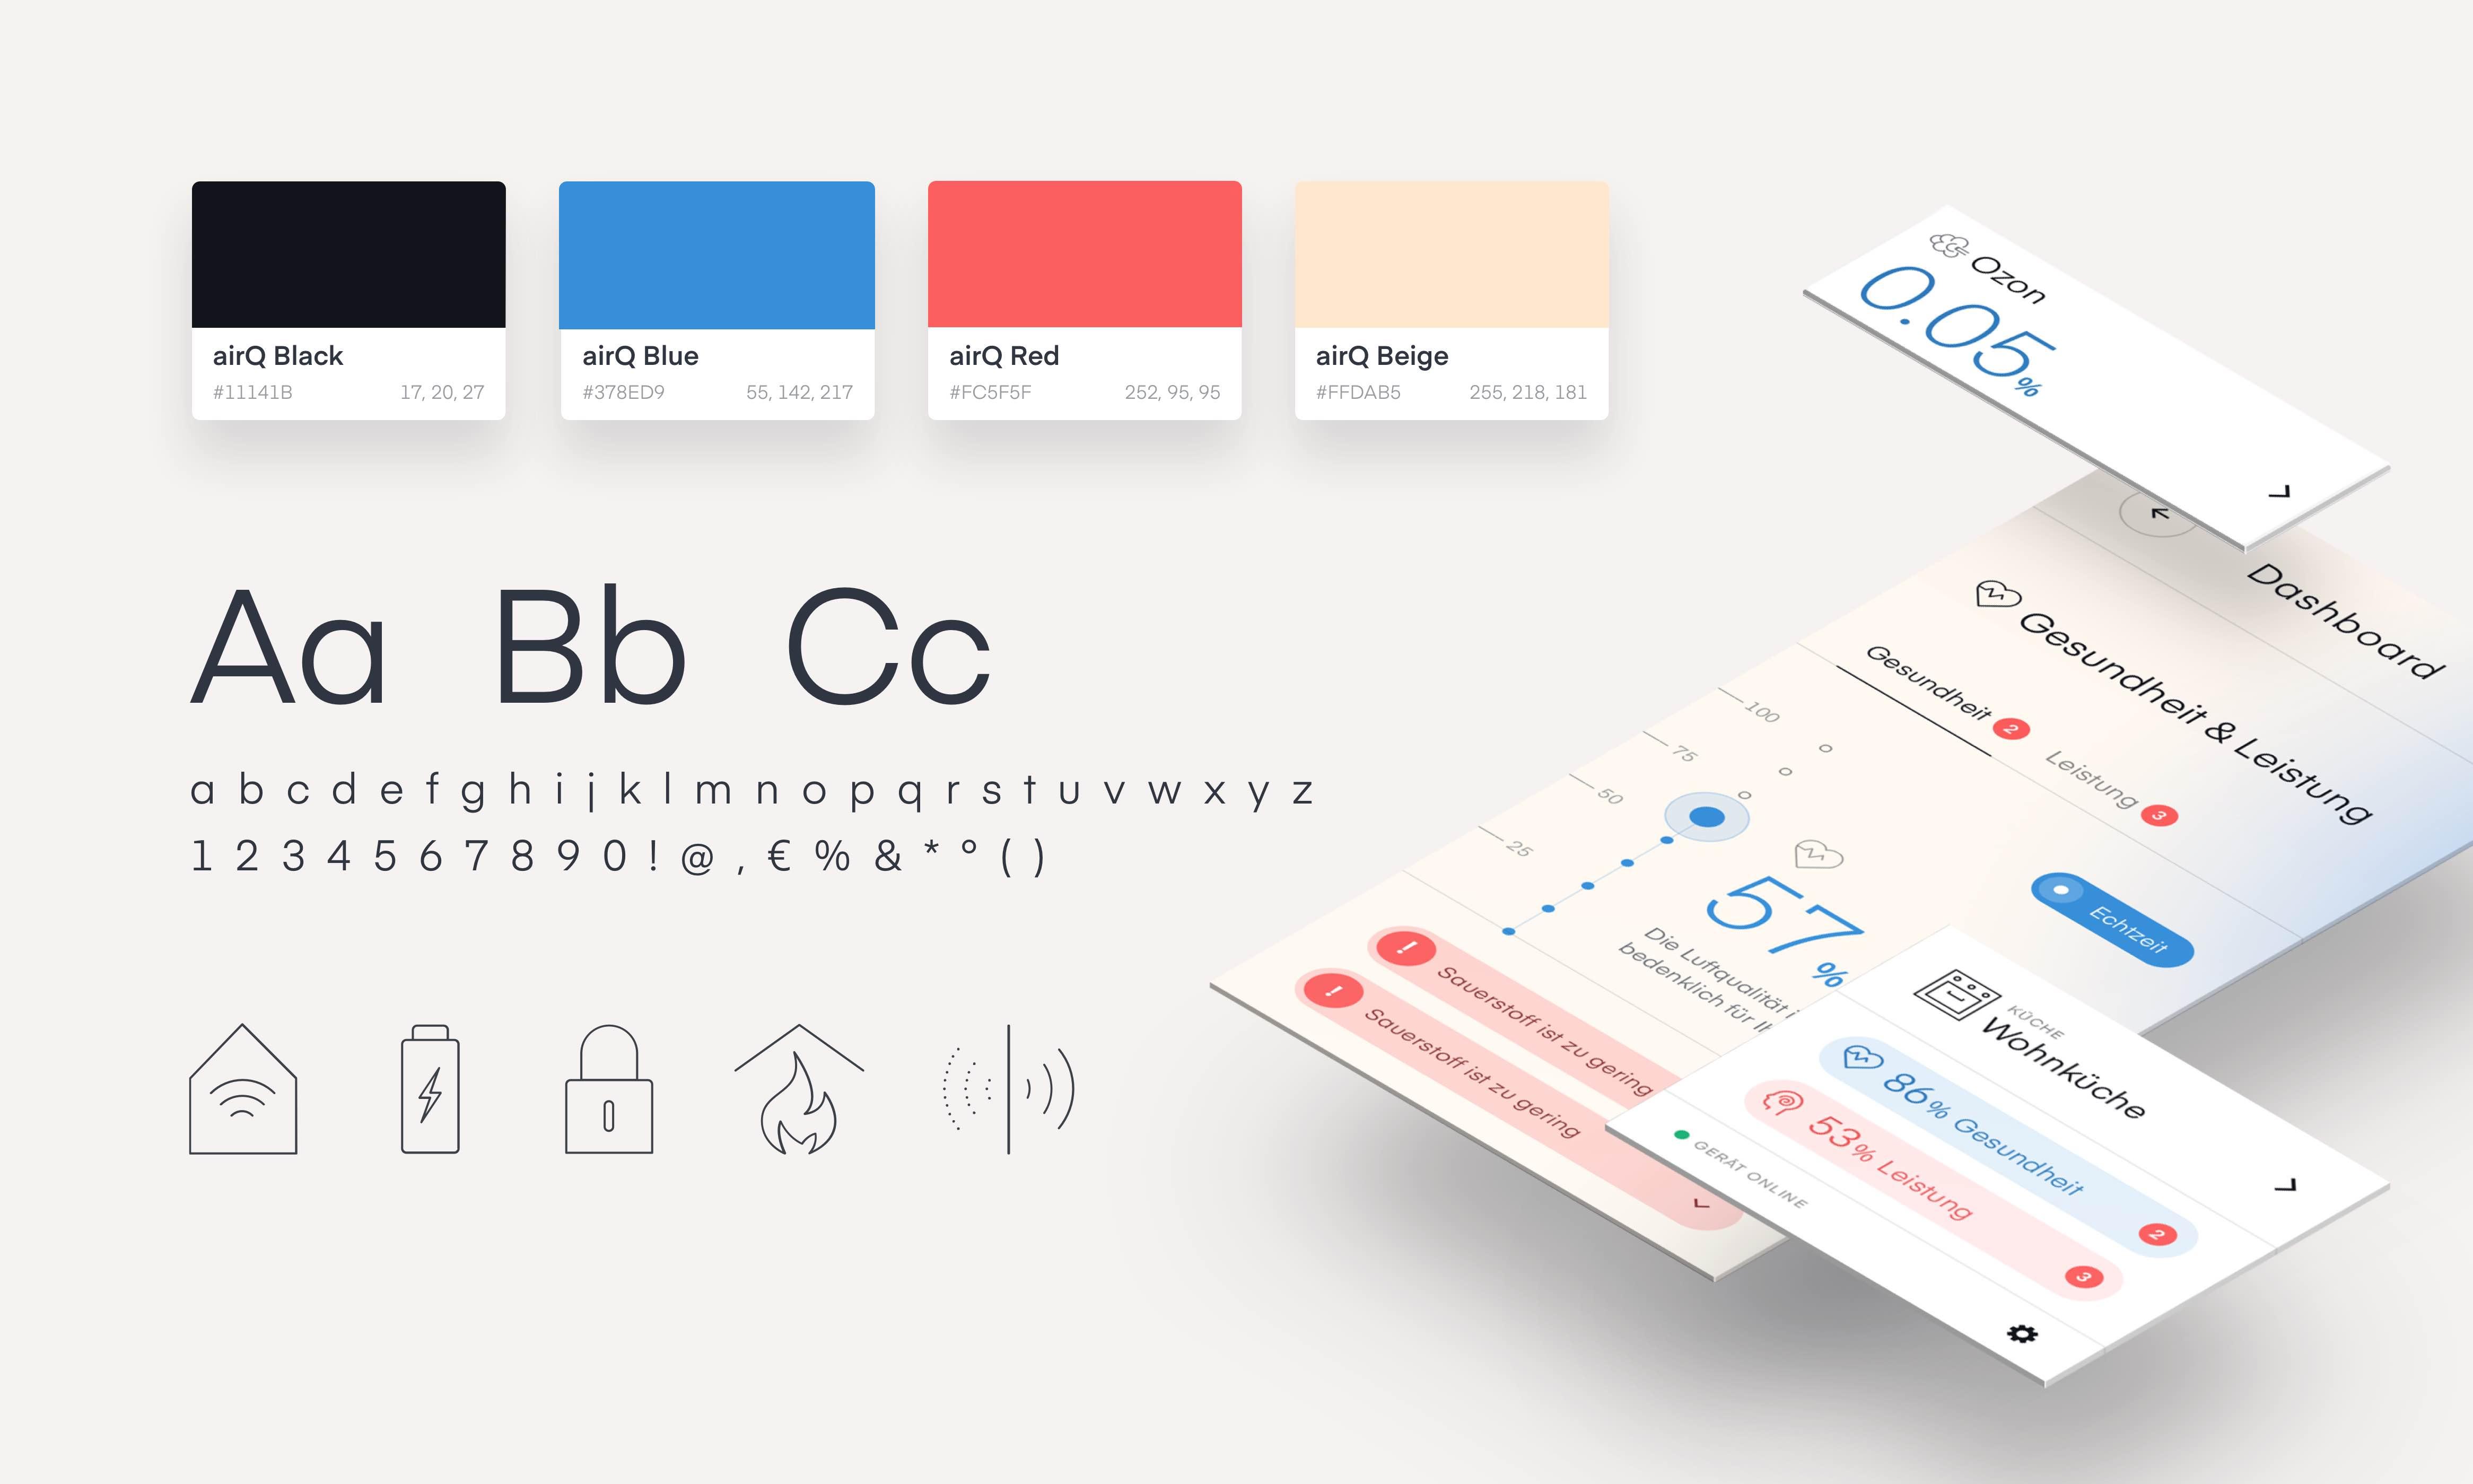 hellgrauer Hintergrund, darauf Farb-und Schriftmuster, Icons, und eine isometrische Ebenenansicht von Beispiel-App-Elementen